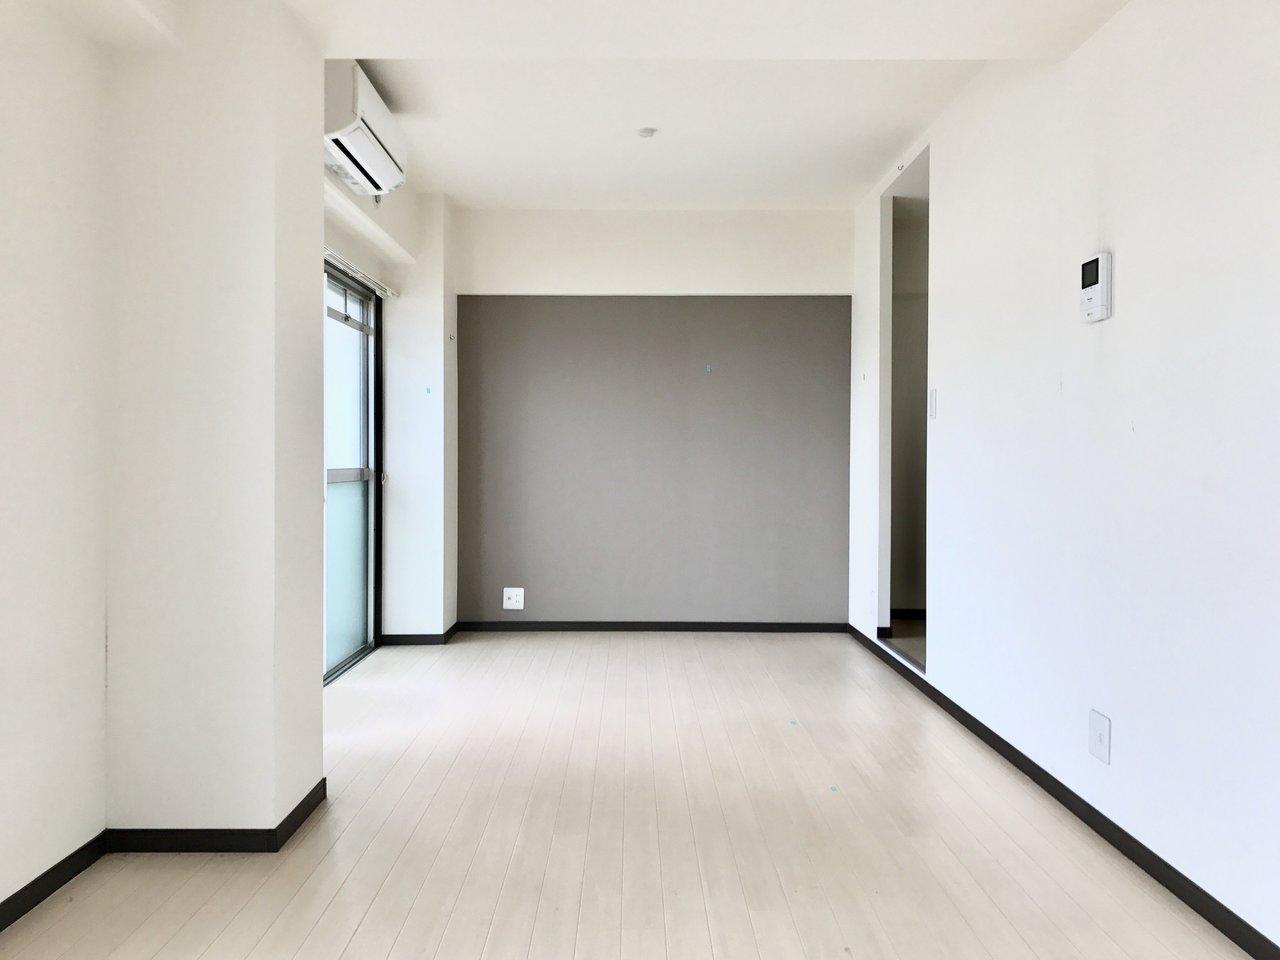 シンプル、モノトーンにリノベーションされたお部屋。いろんなスタイルのインテリアが合わせやすそうです。